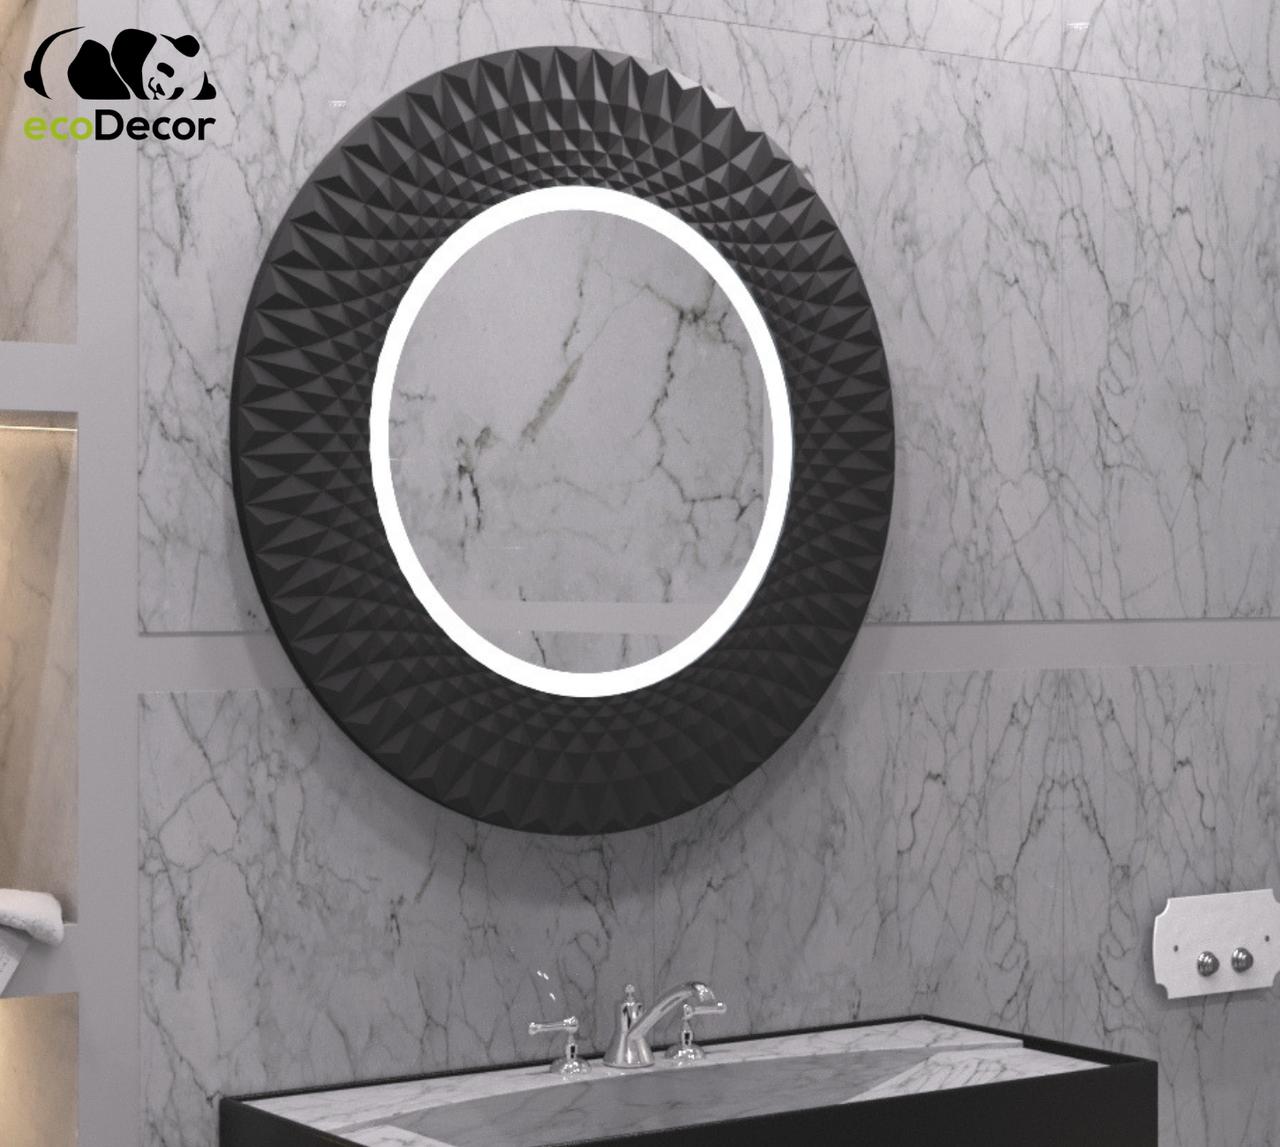 Зеркало круглое с LED подсветкой в черной раме Luanda